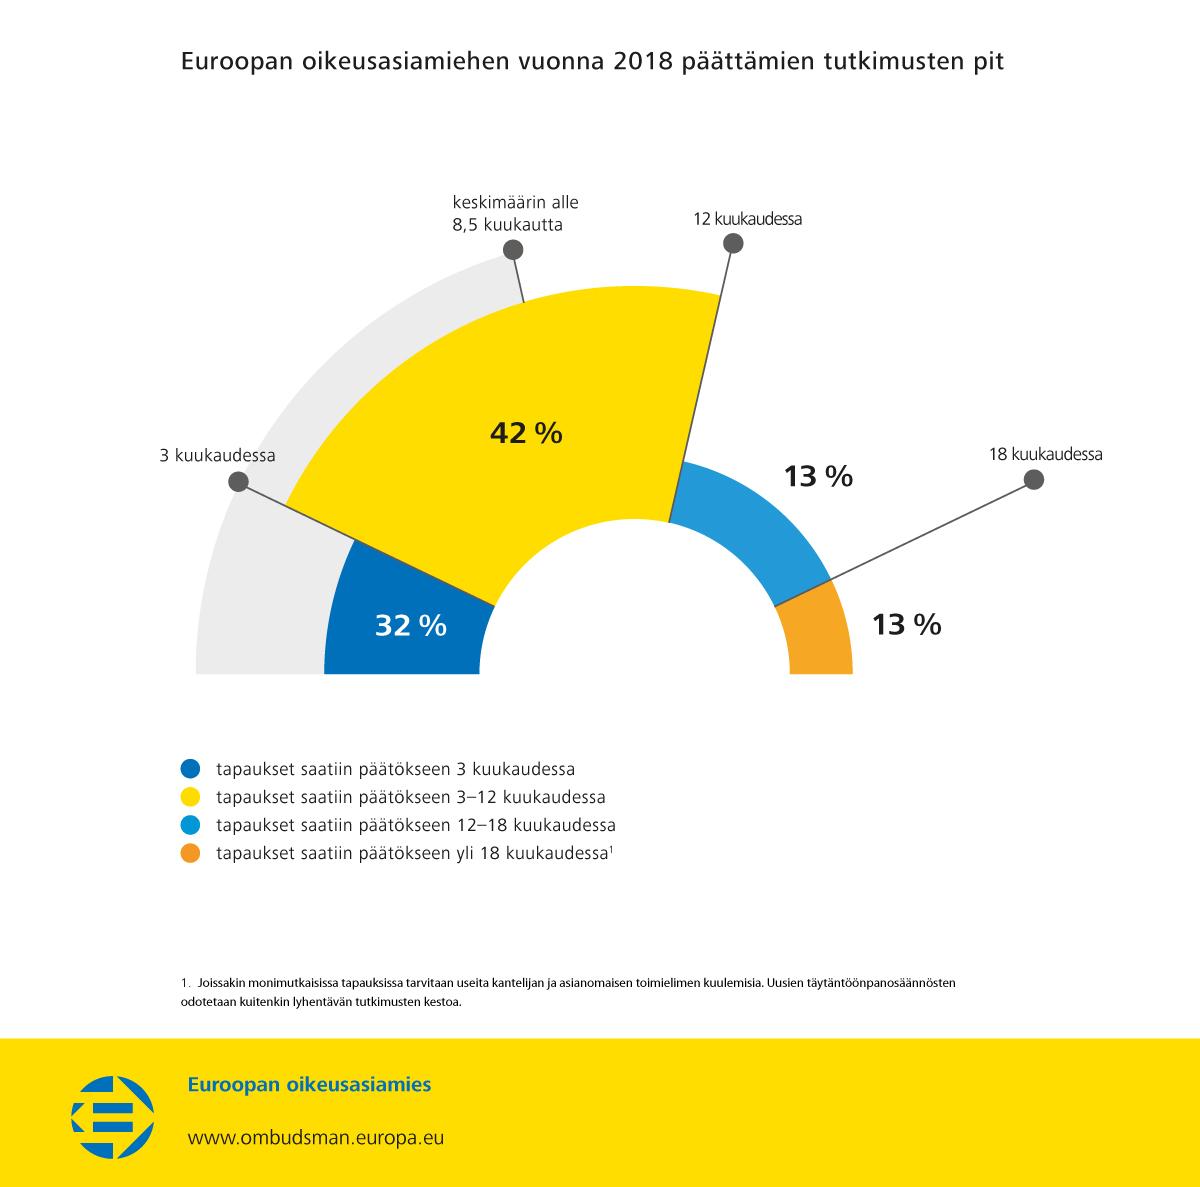 Euroopan oikeusasiamiehen vuonna 2018 päättämien tutkimusten pituus